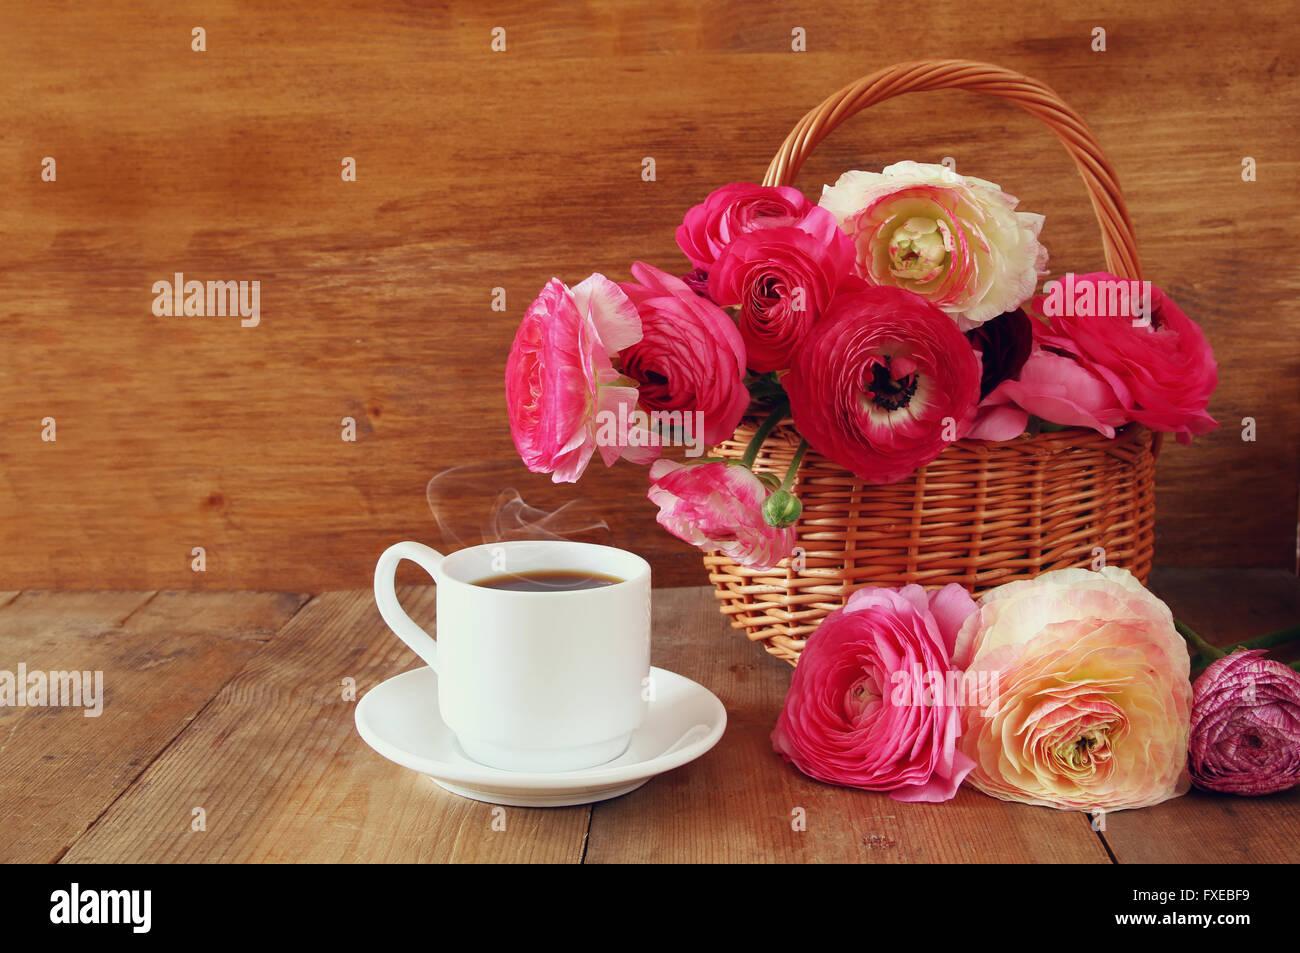 Immagine di bellissimi fiori accanto alla tazza di caffè. Immagini Stock